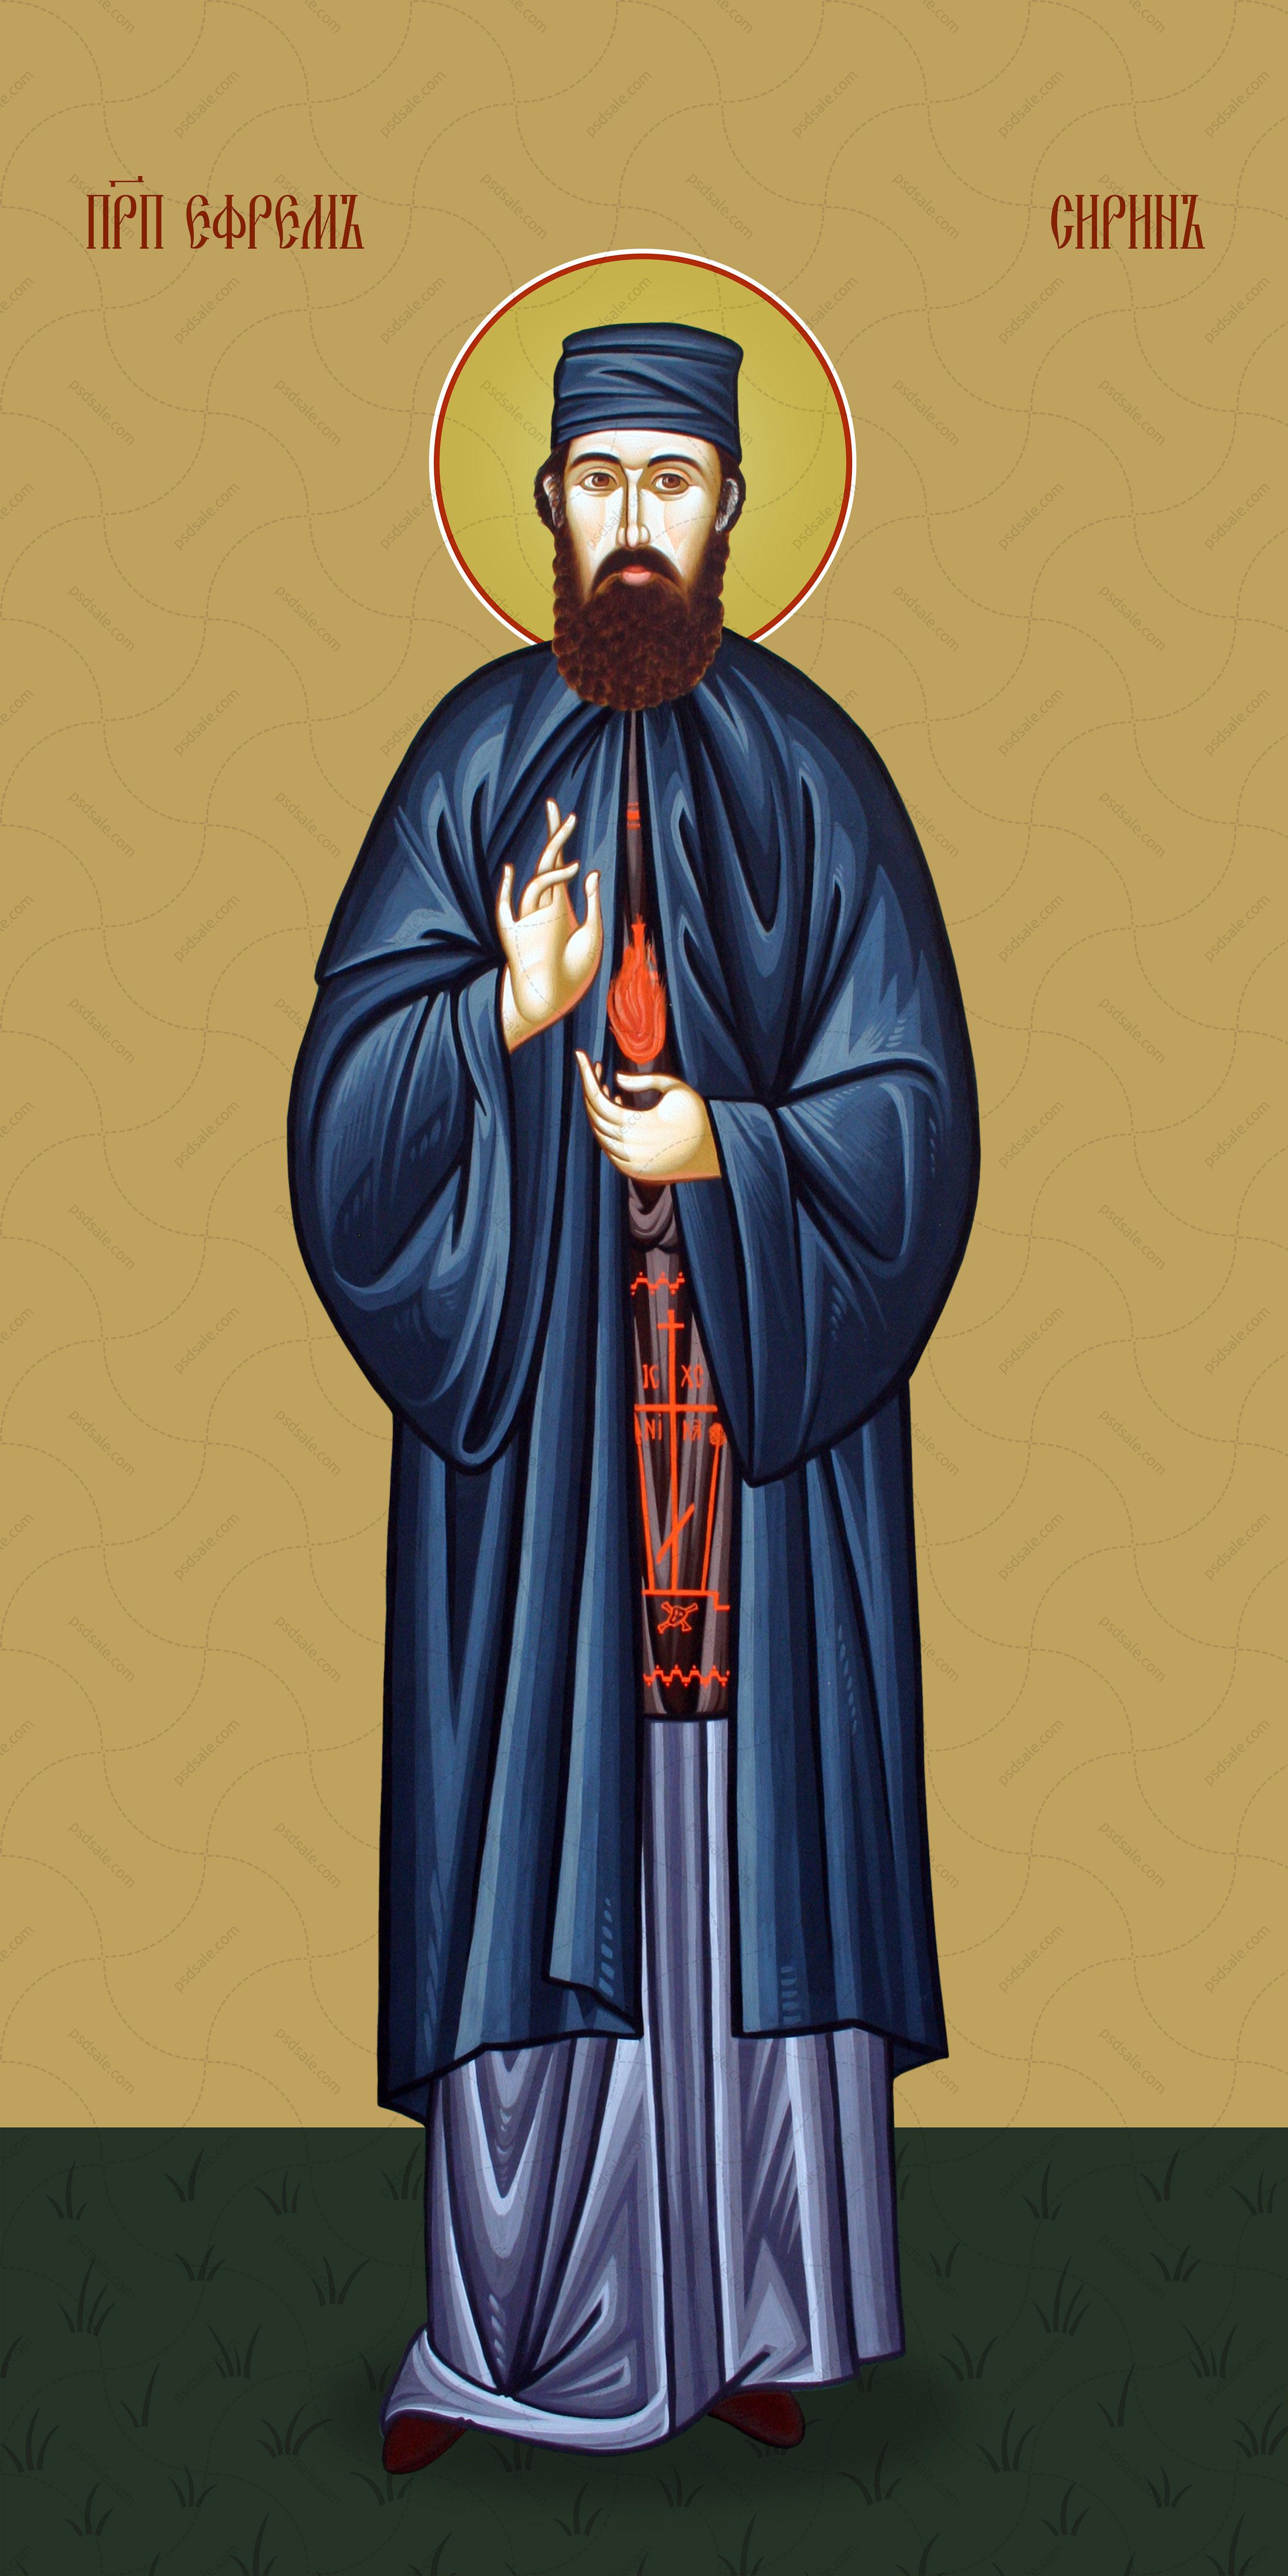 Мерная икона, Ефрем Сирин, преподобный